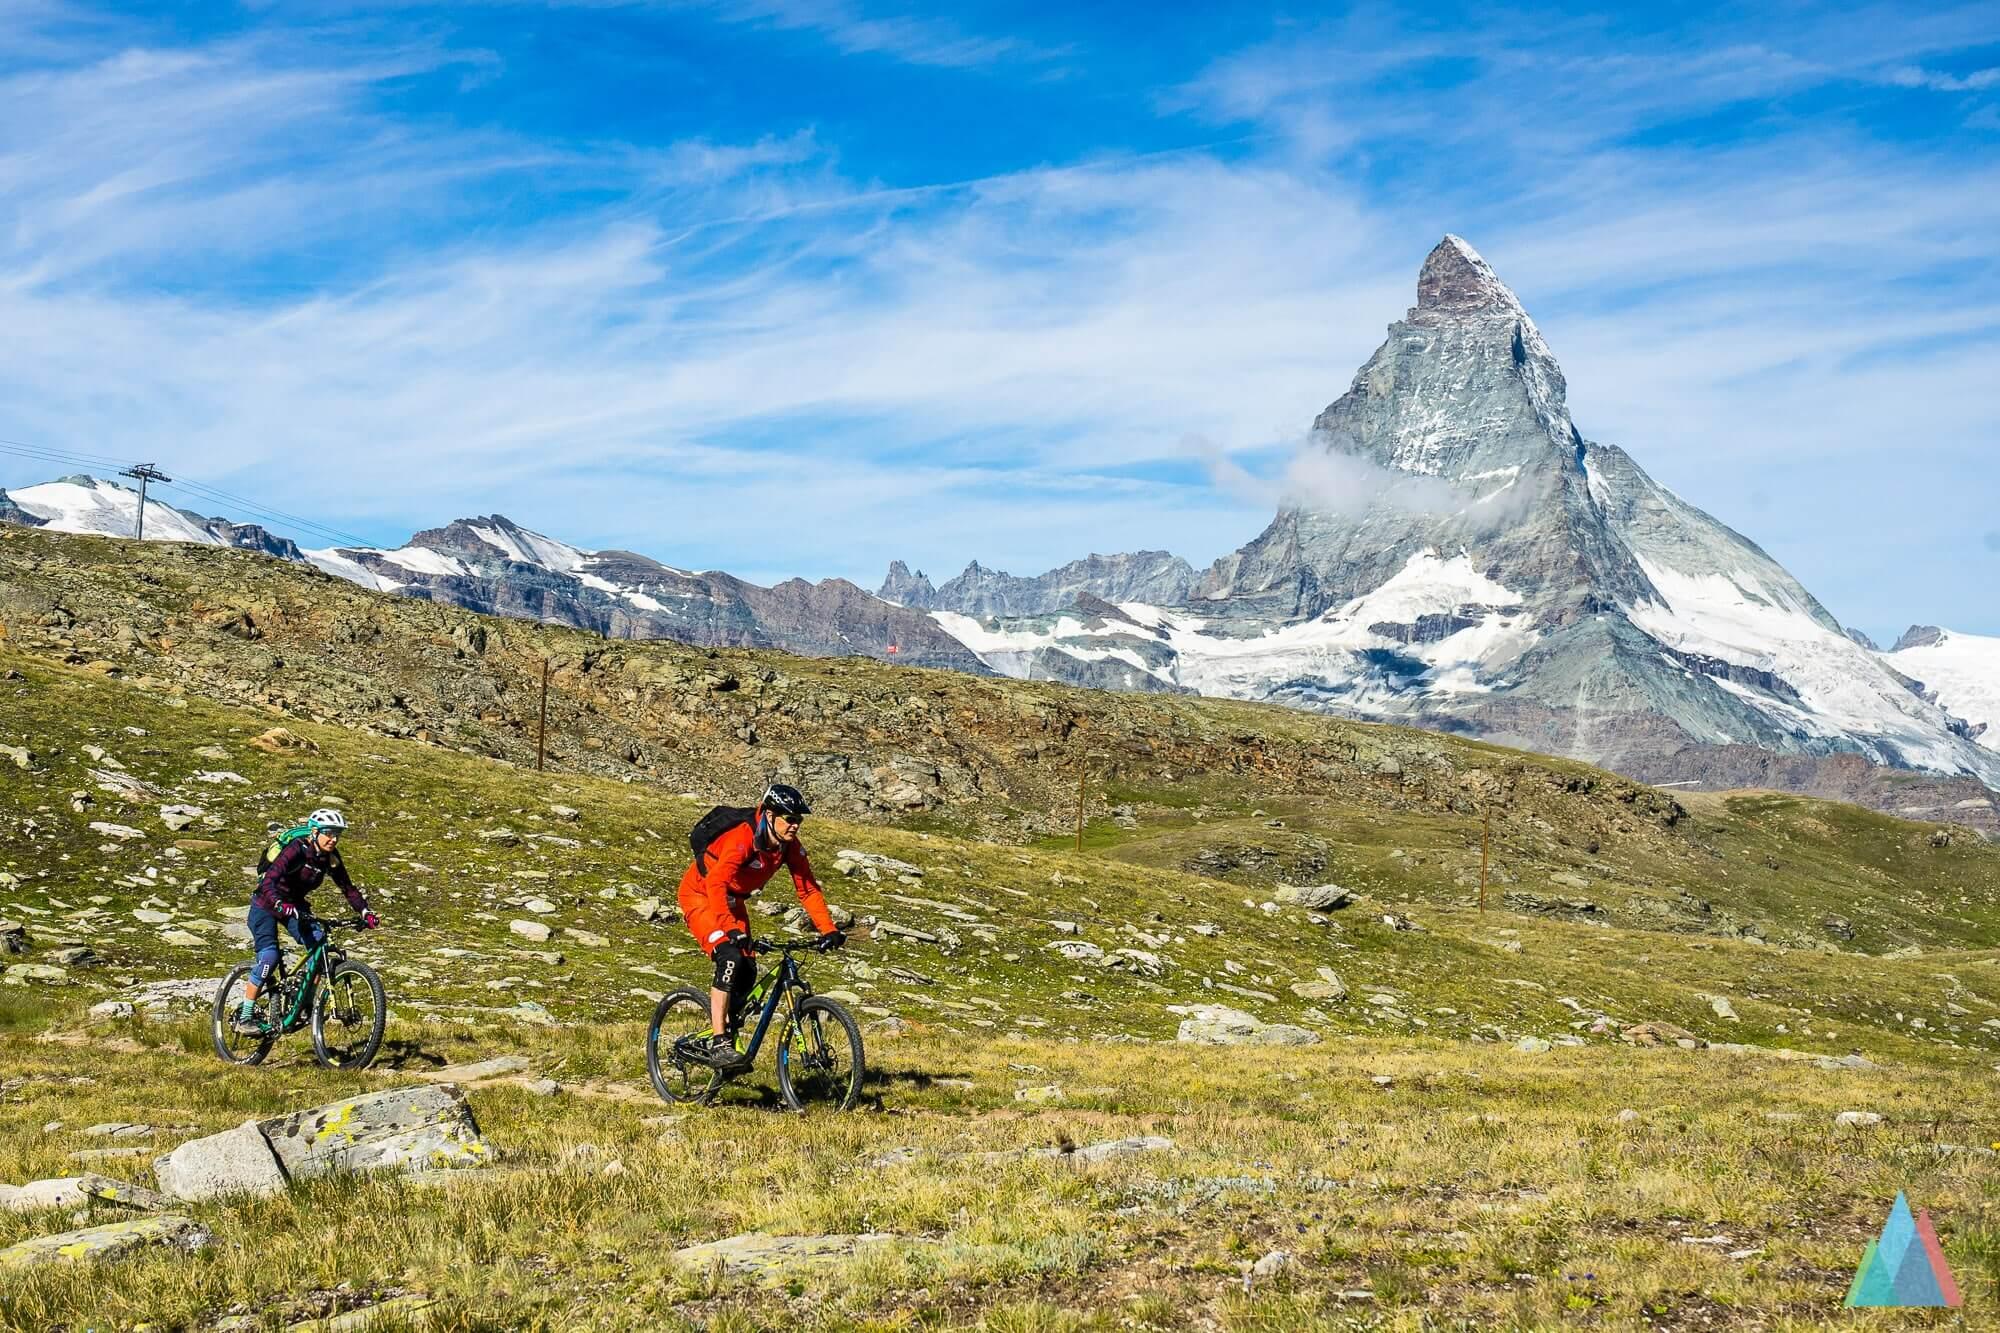 matterhorn-zermatt-mtb-gornergrat